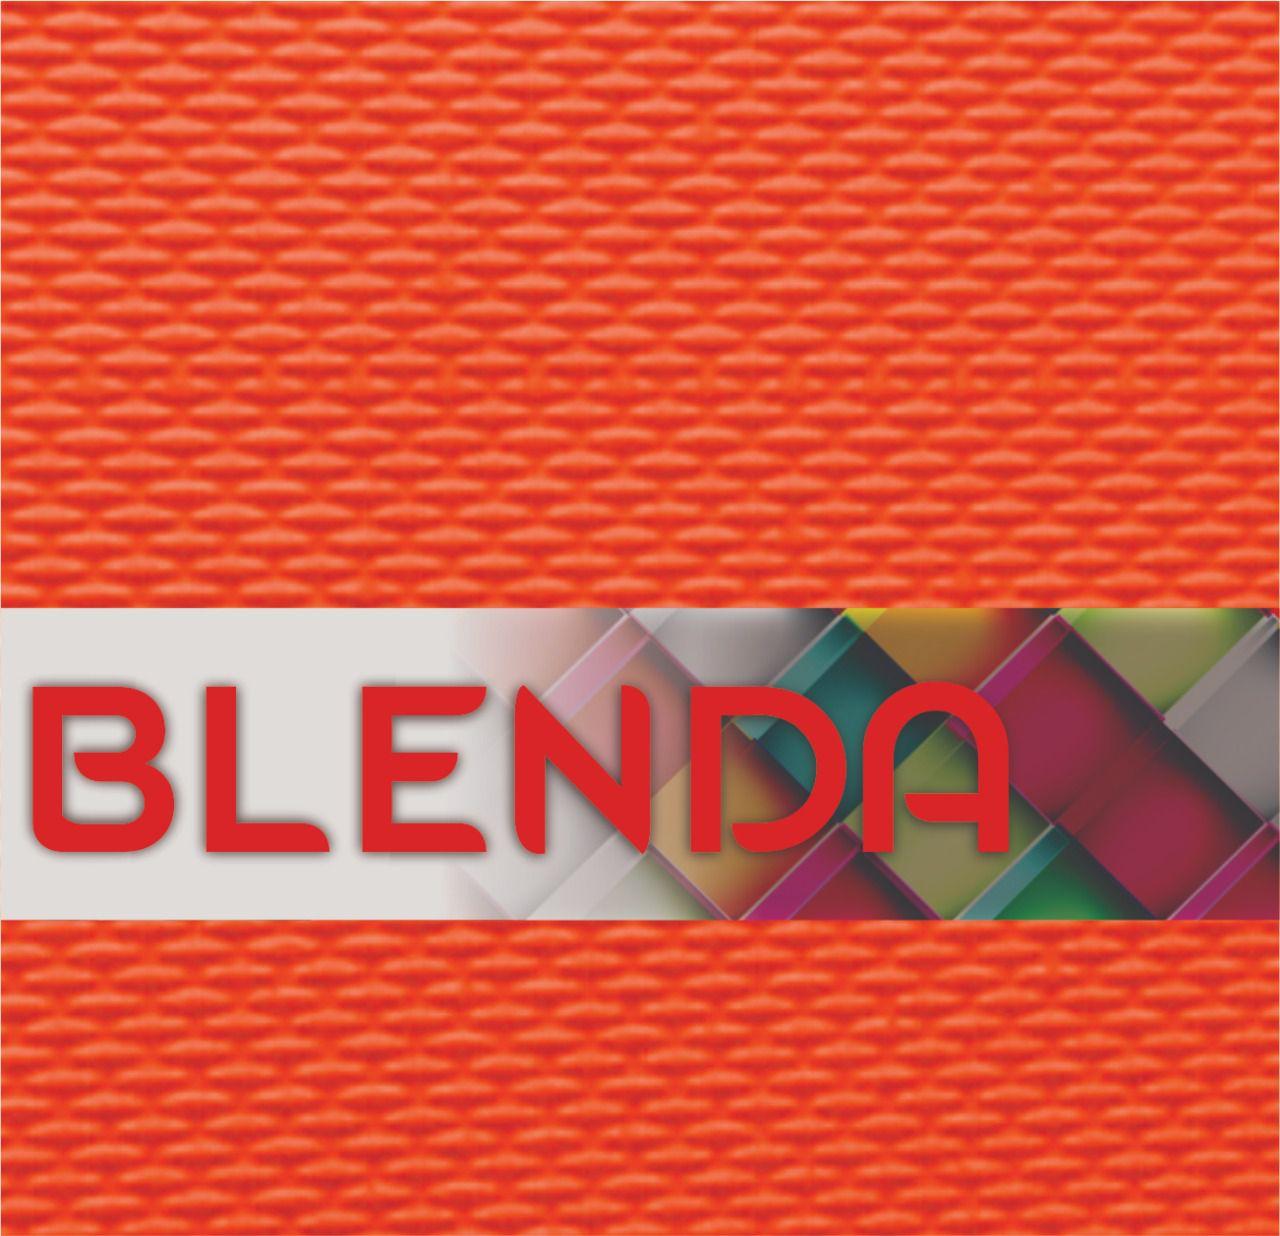 Placa Microporosa Blenda - 1,50m x 0,90m x 15mm - UNIDADE  - INBOP - Indústria de Borrachas e Polímeros